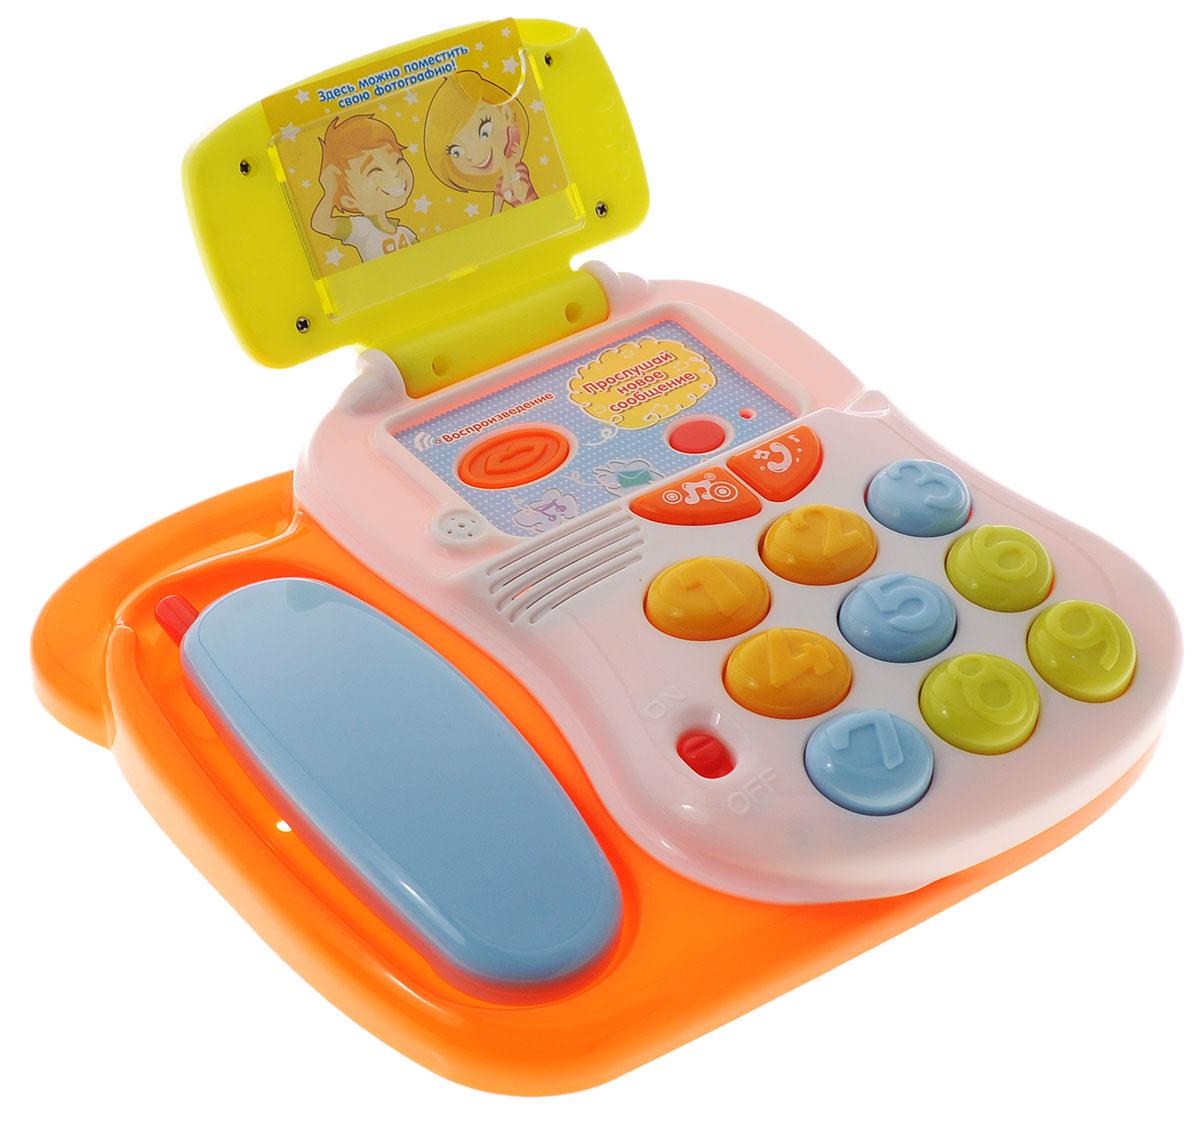 Mommy Love Развивающая игрушка Говорящий телефон говорящий телефон сенсорный экран s s